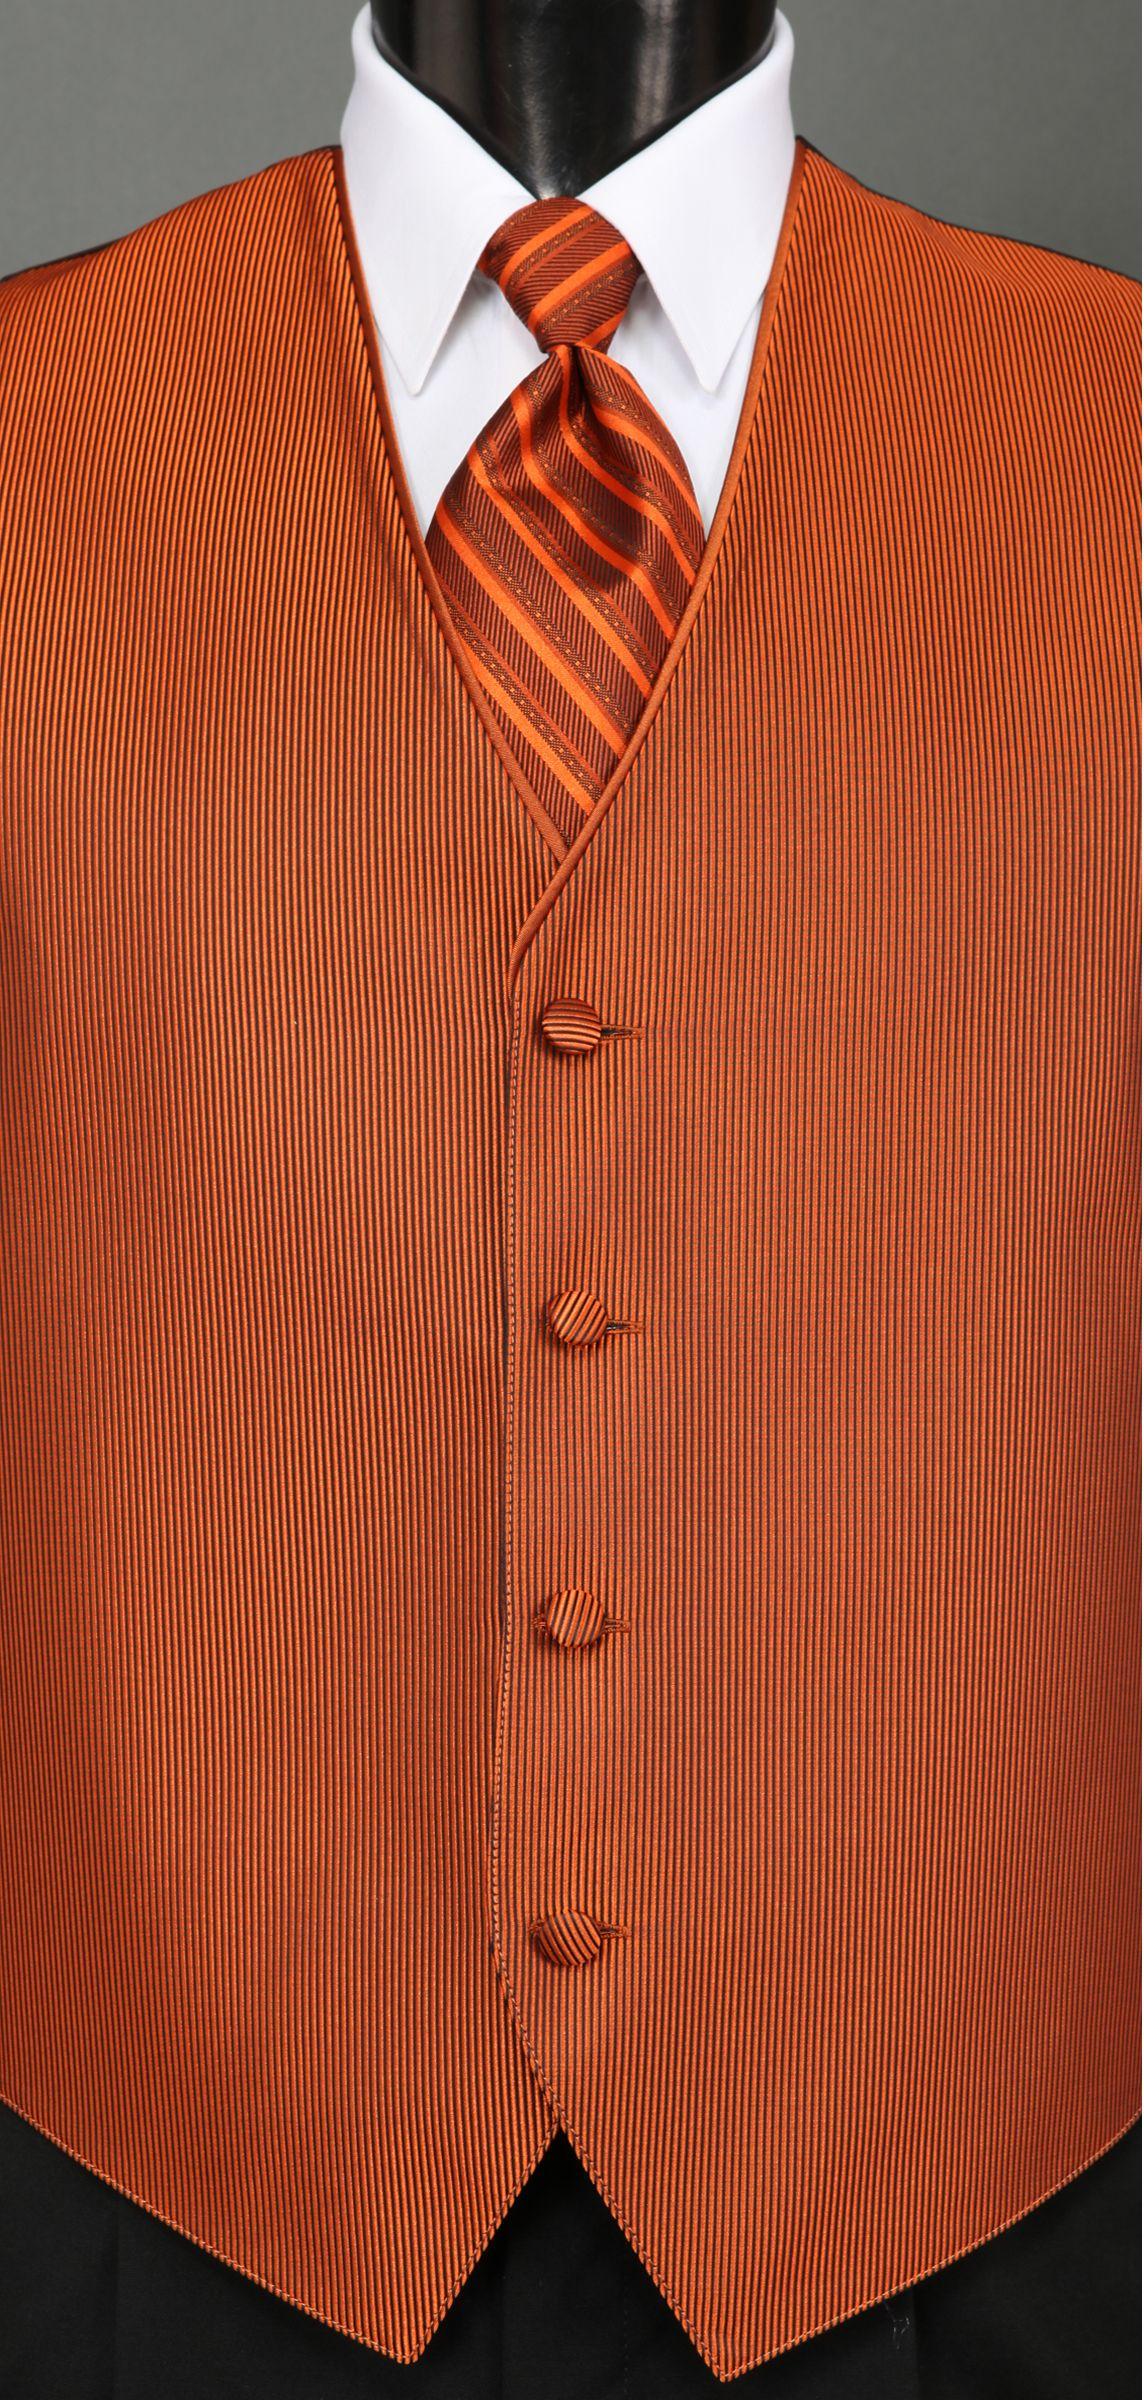 Burnt Orange Color Burnt Orange Vest And Tie [ 2400 x 1144 Pixel ]